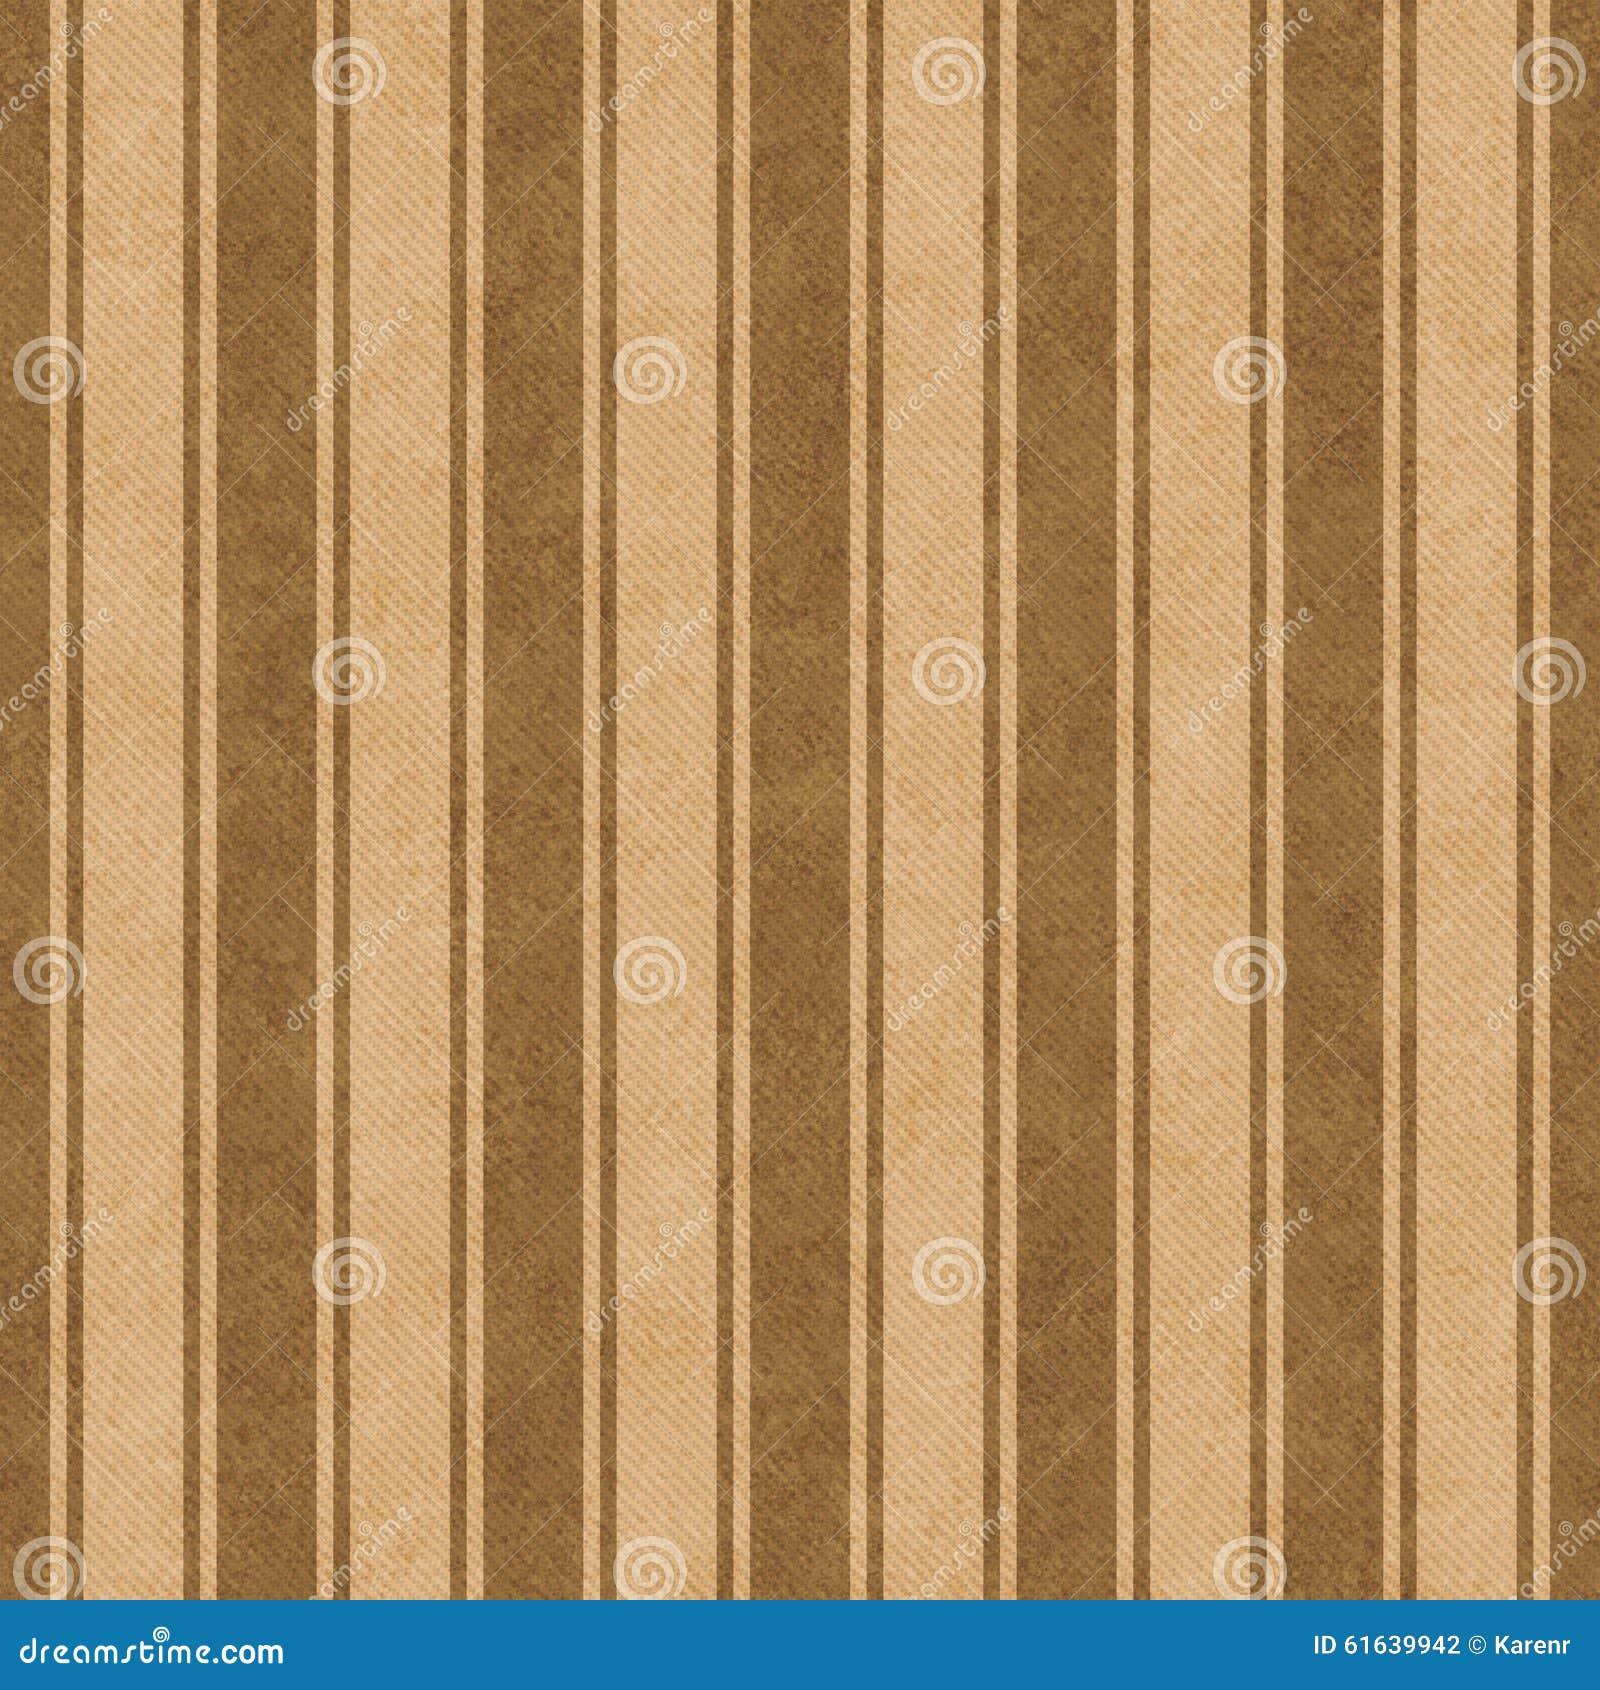 seamless illustration beige brown tile pattern vector. Black Bedroom Furniture Sets. Home Design Ideas